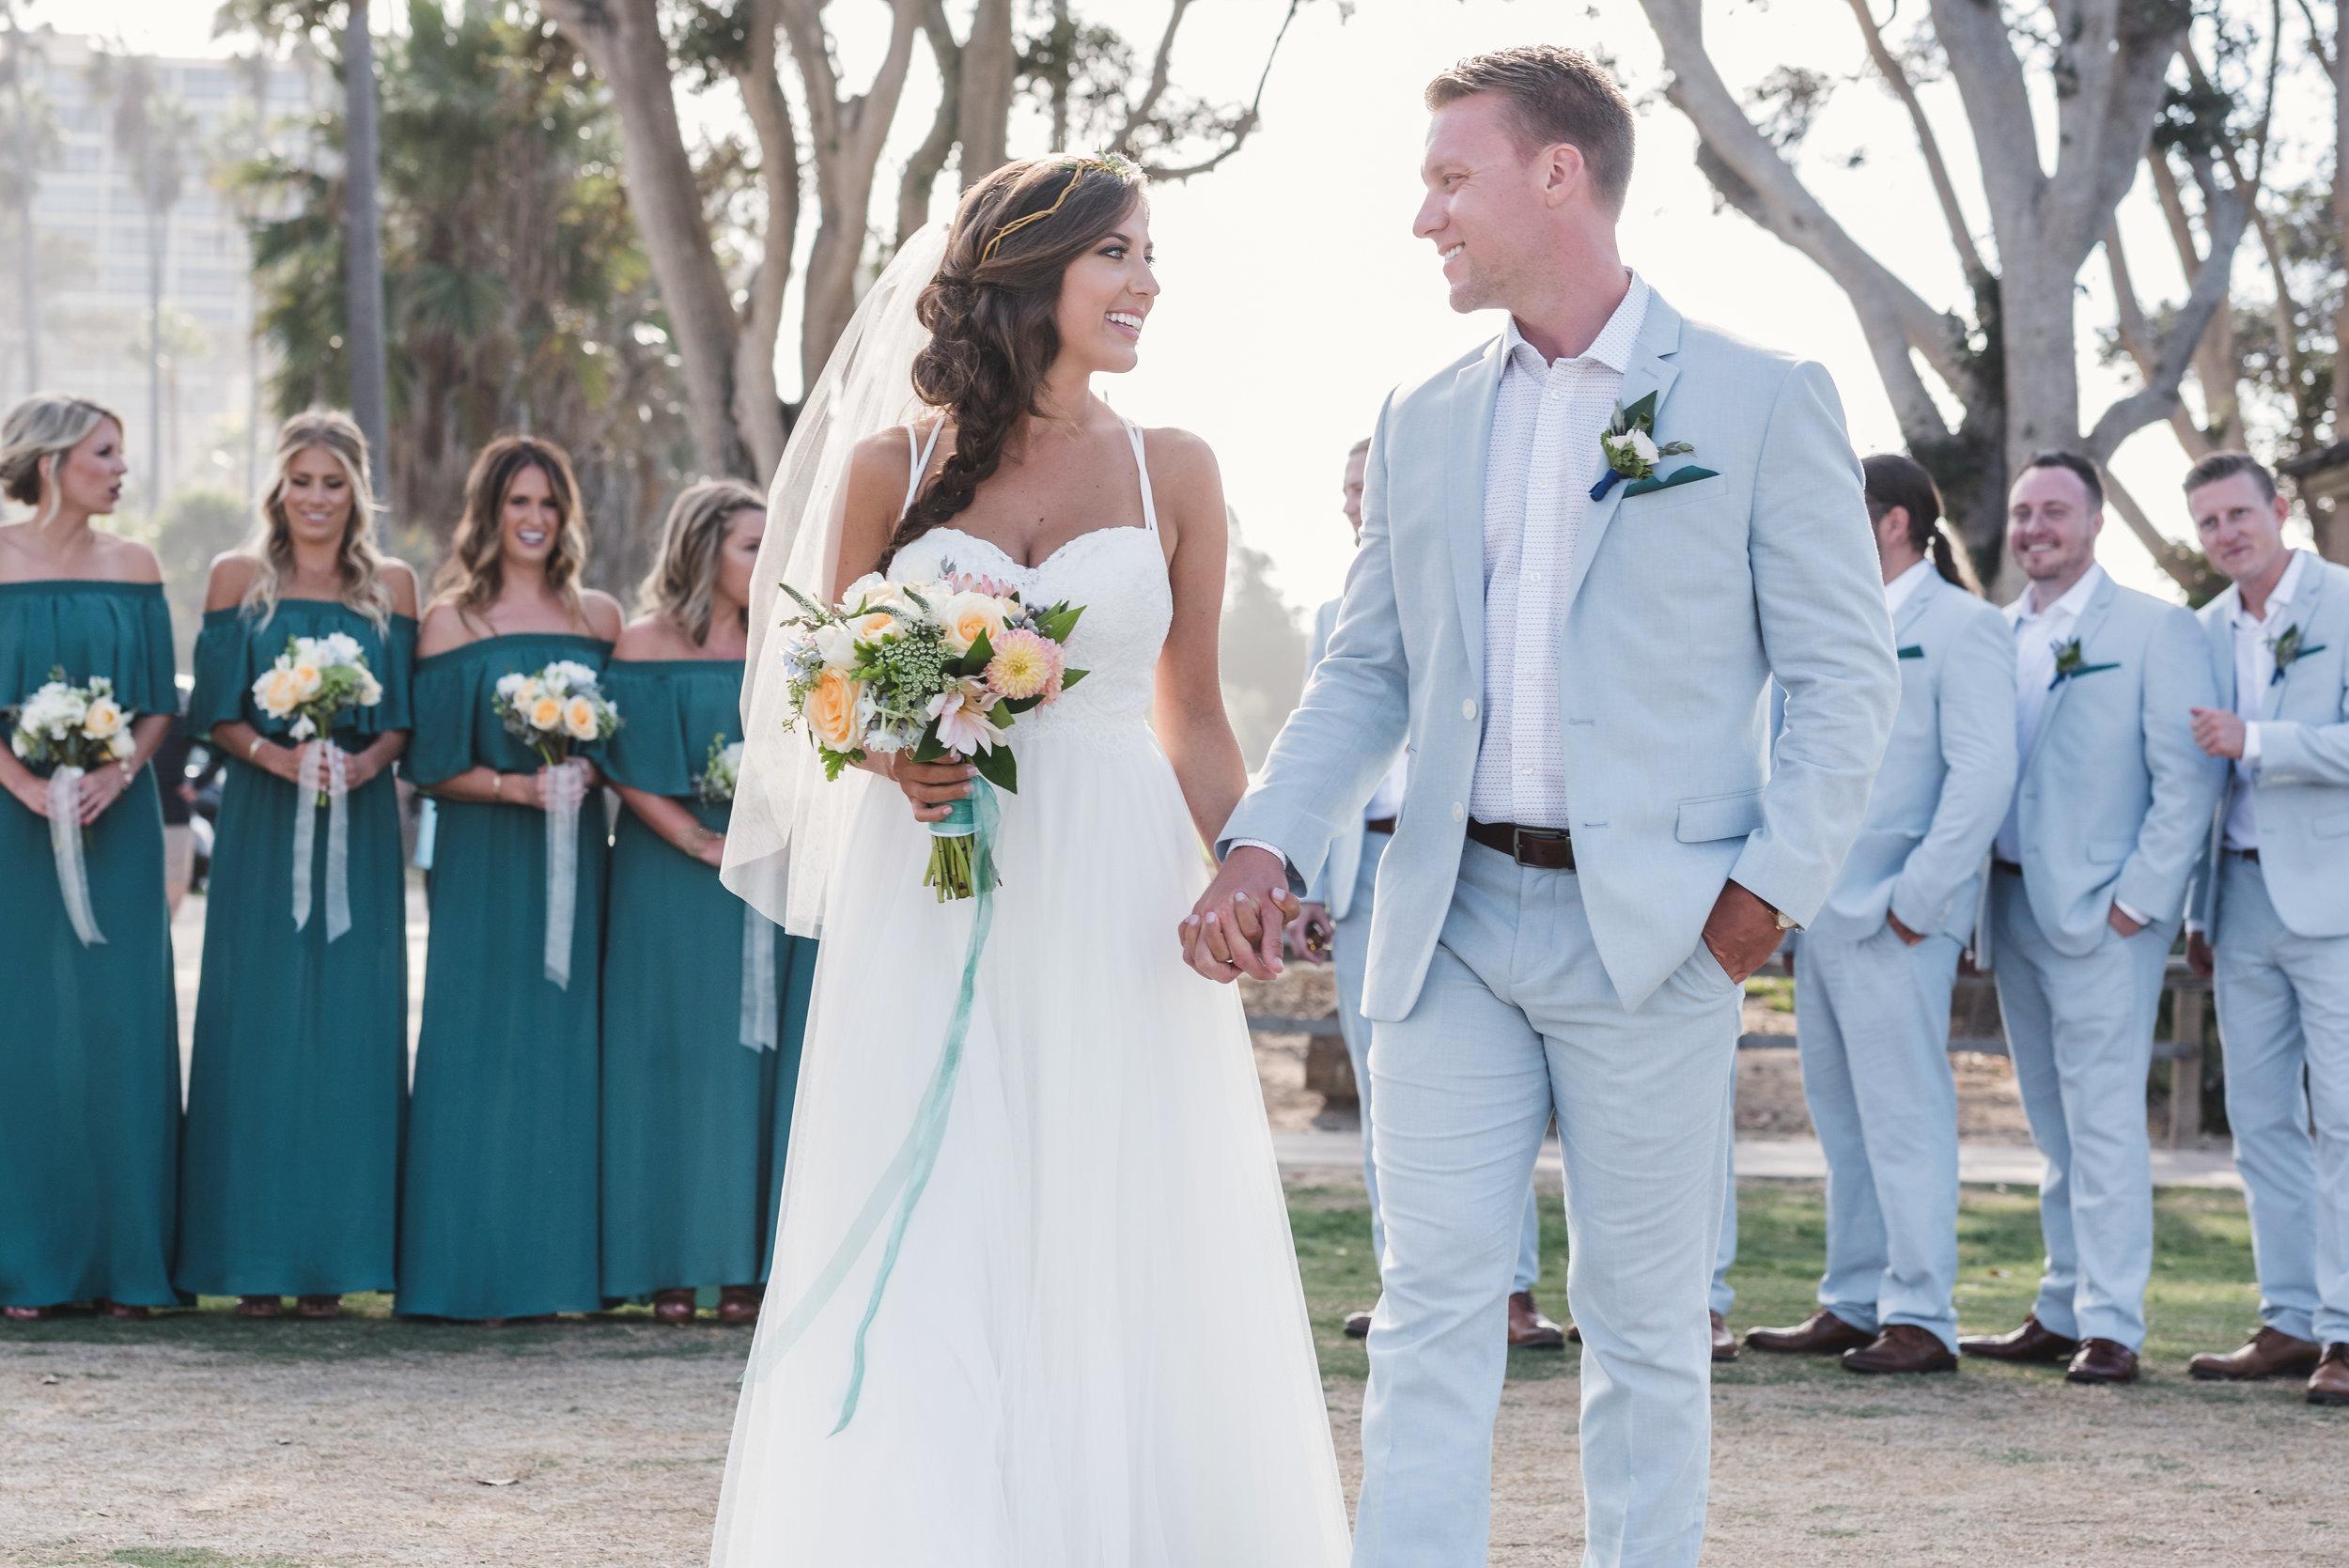 Jenny_and_Matt_wedding-46.jpg